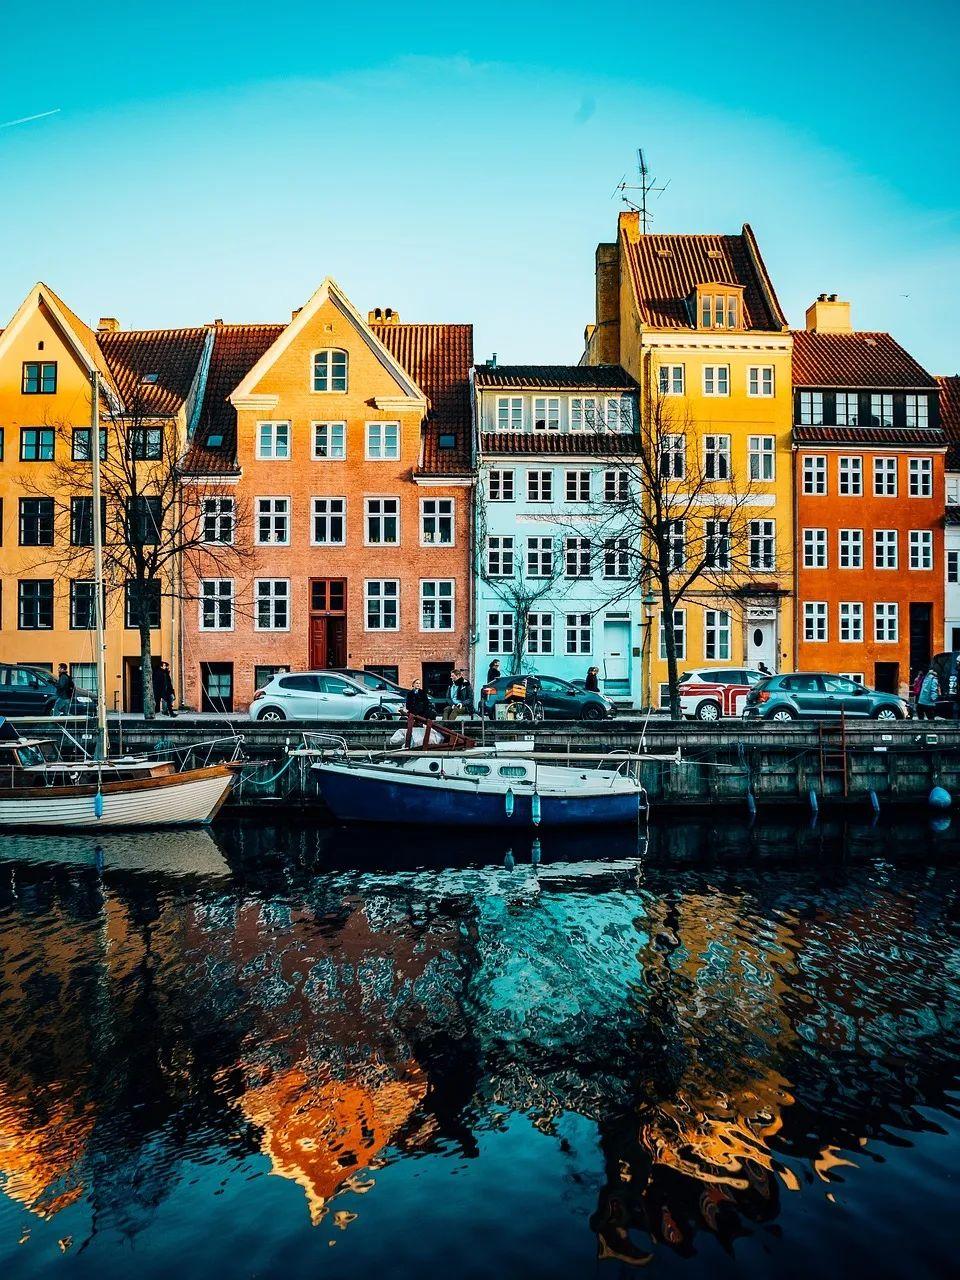 留学丹麦,来童话王国探寻优质教育